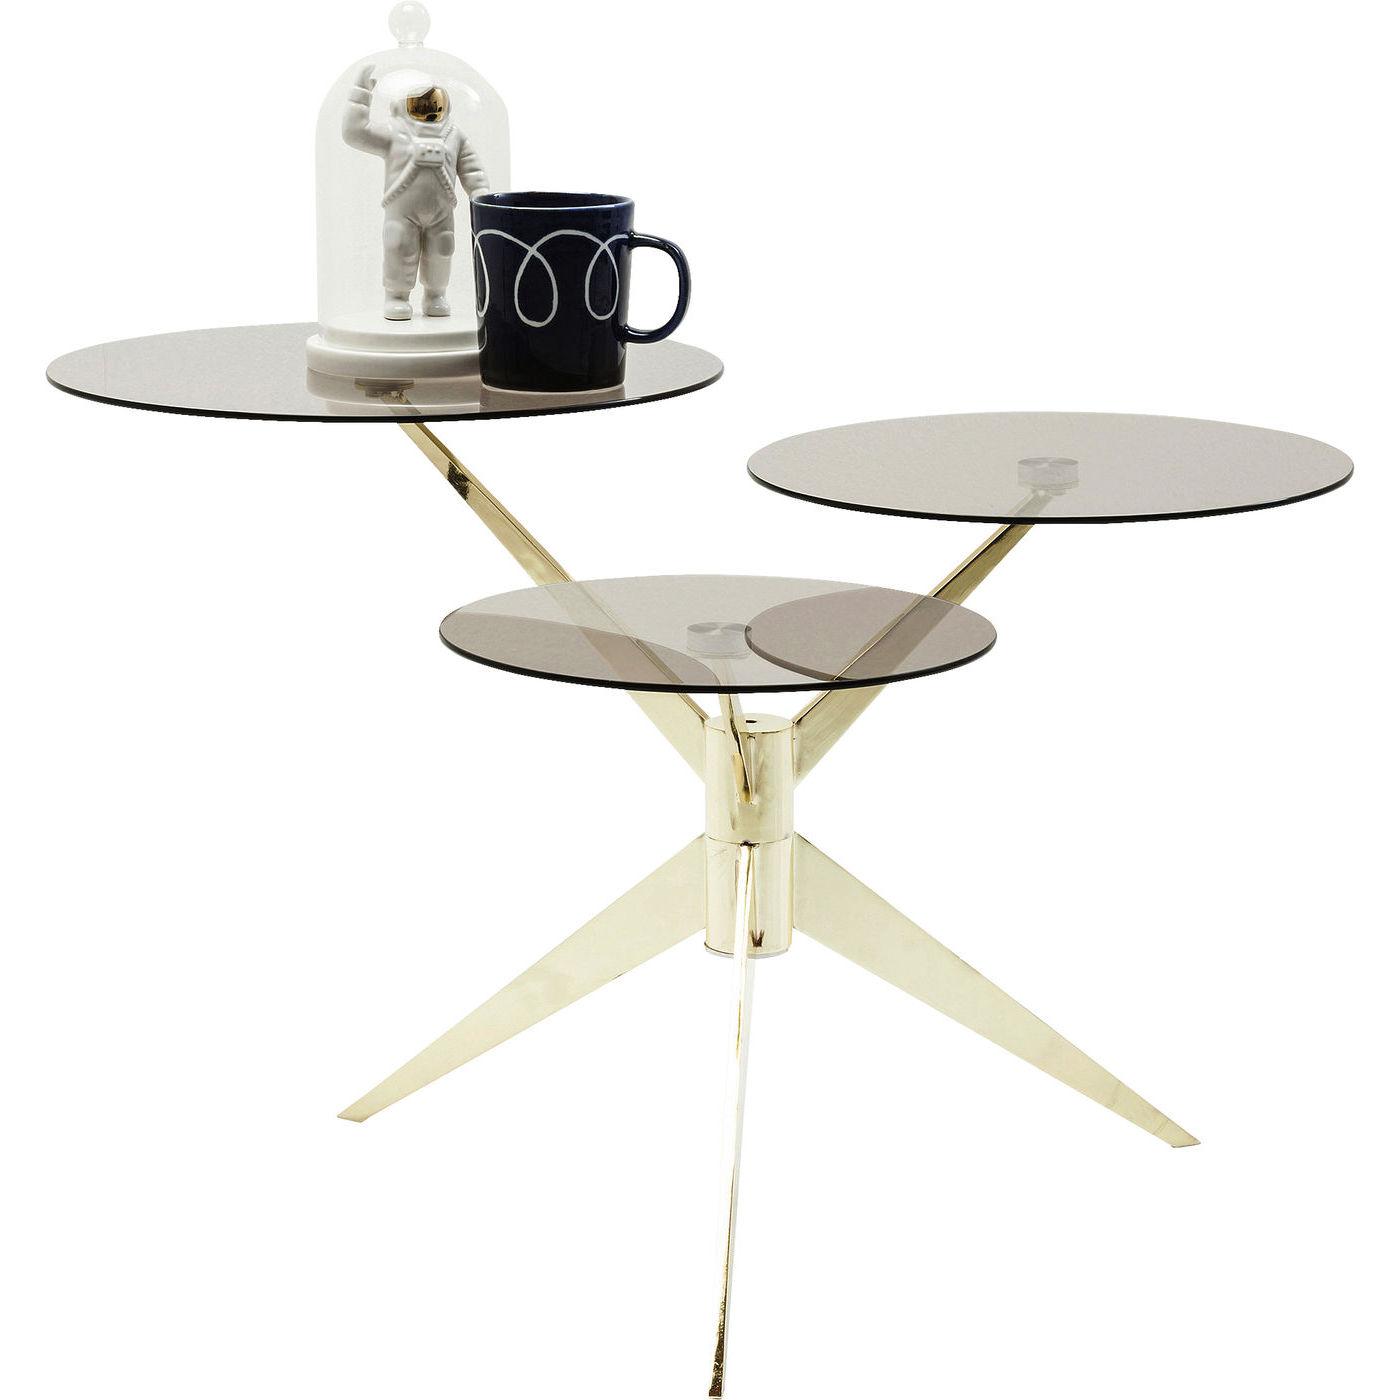 Kare design bonsai tre brass sofabord - glasplade og messing, asymetrisk (65x77)